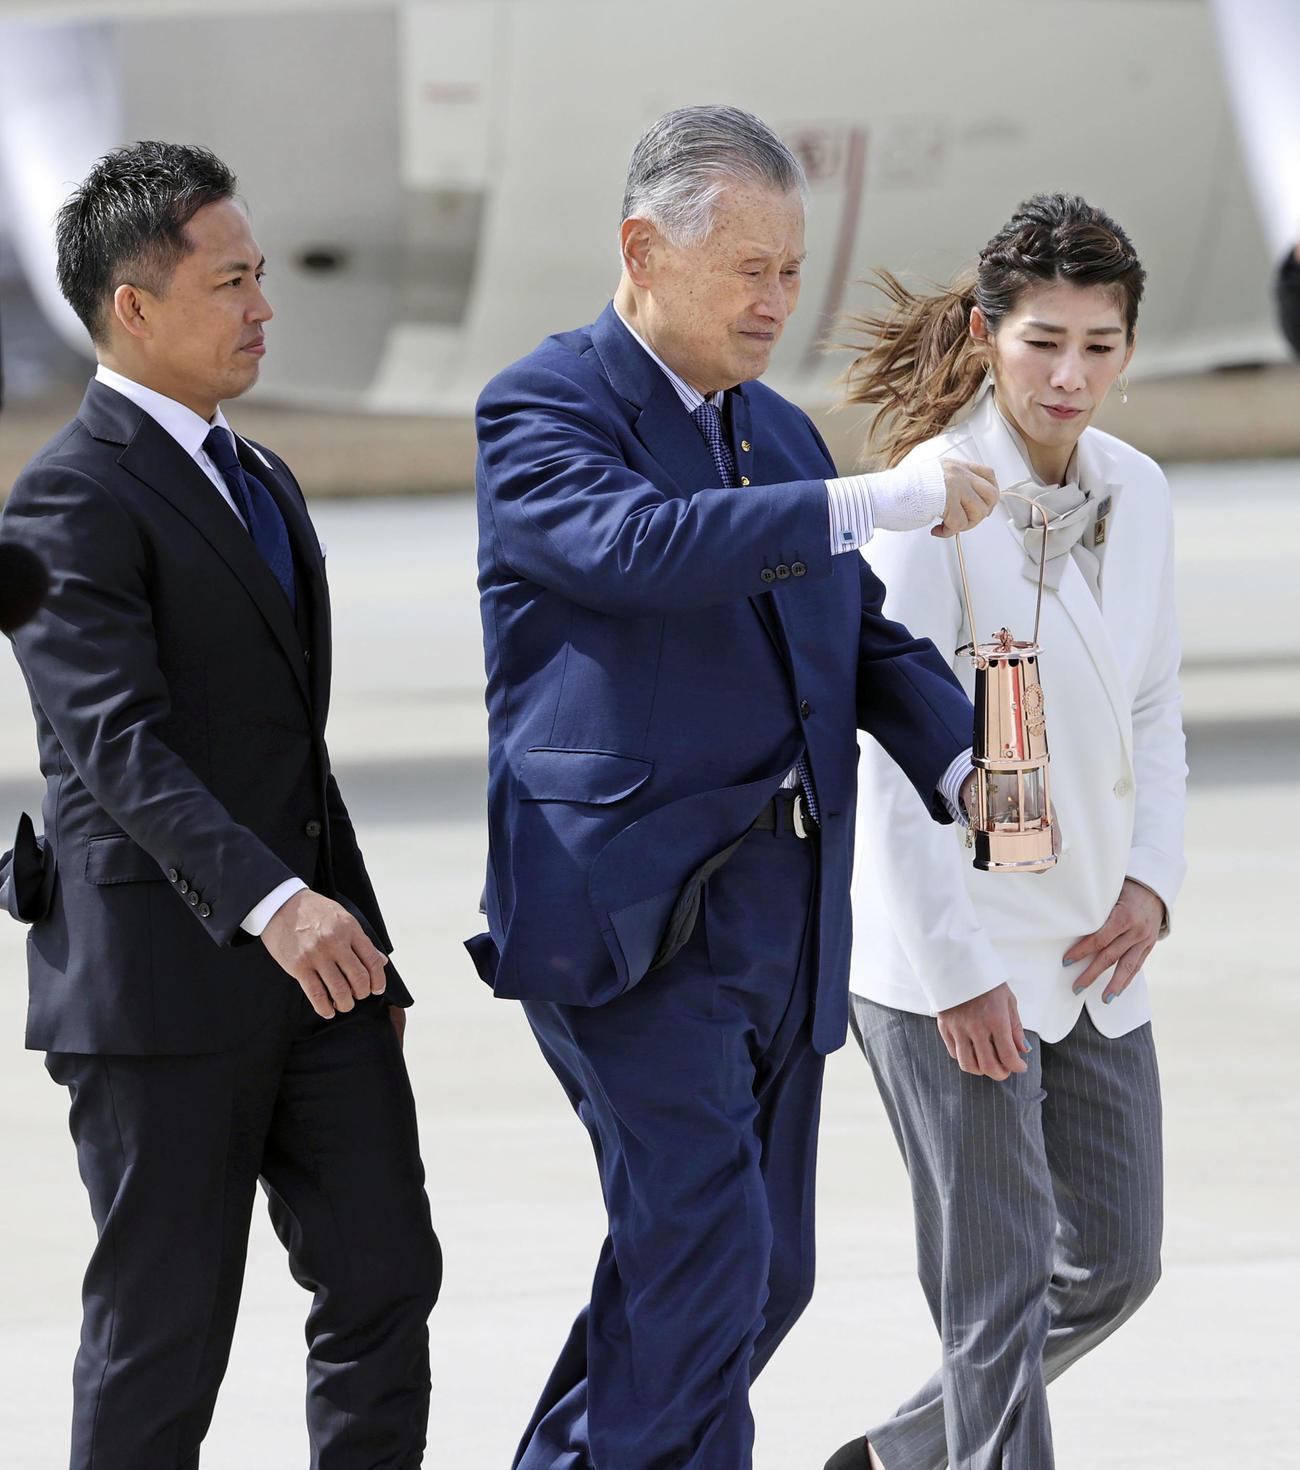 特別輸送機で到着した東京五輪の聖火を運ぶ組織委の森喜朗会長(中央)。左は柔道男子の野村忠宏さん、右はレスリング女子の吉田沙保里さん(共同)